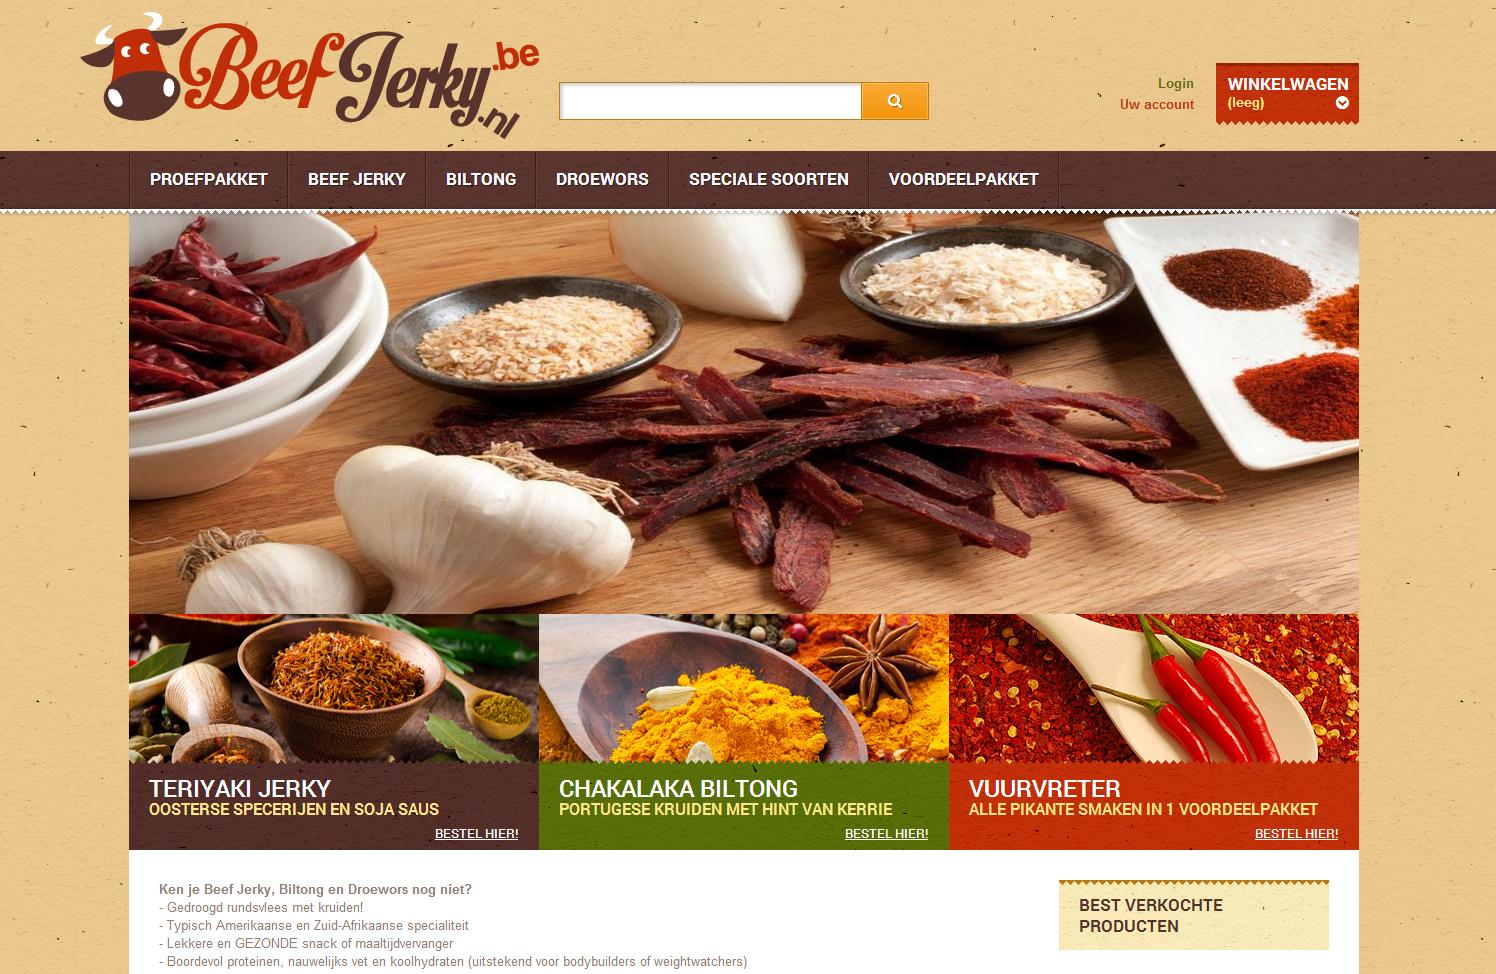 Beef Jerky webshop